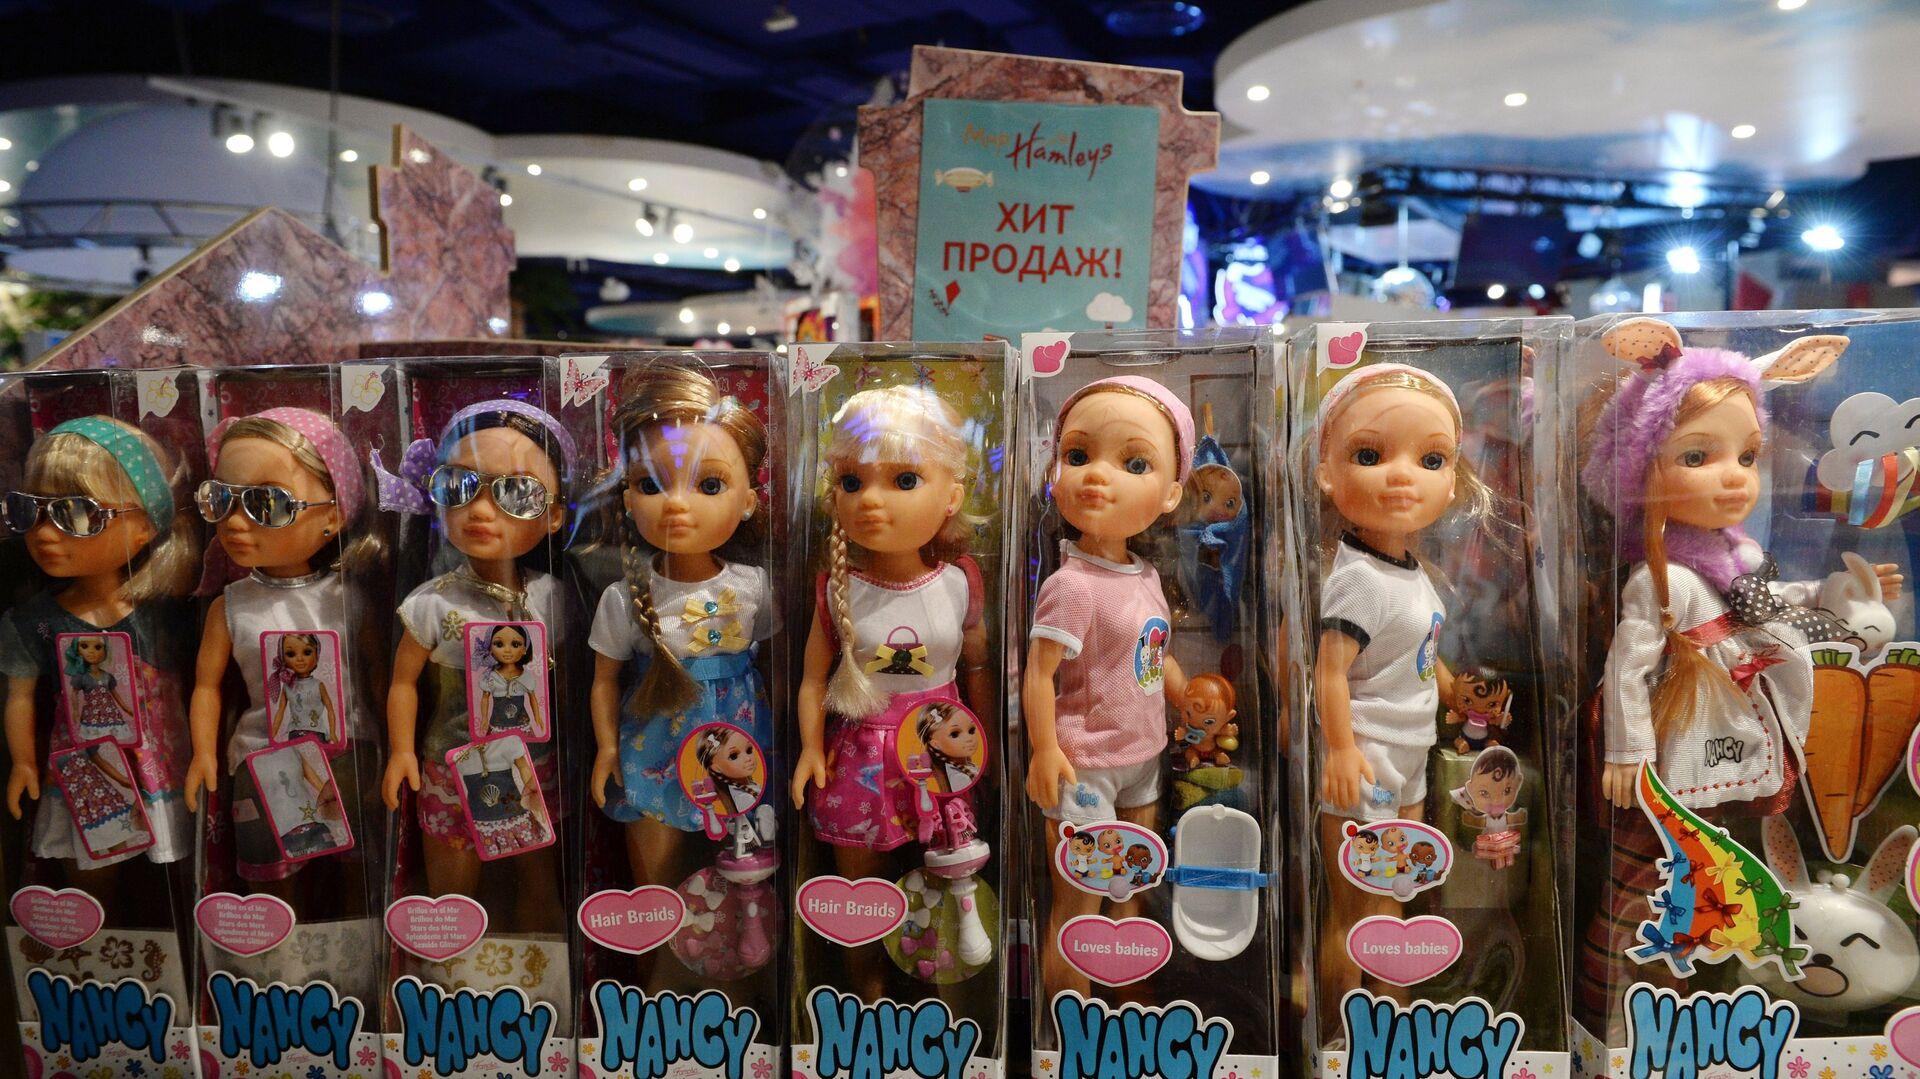 Куклы детям не игрушки. В Подмосковье изъяли поддельных Барби - Радио Sputnik, 15.02.2021